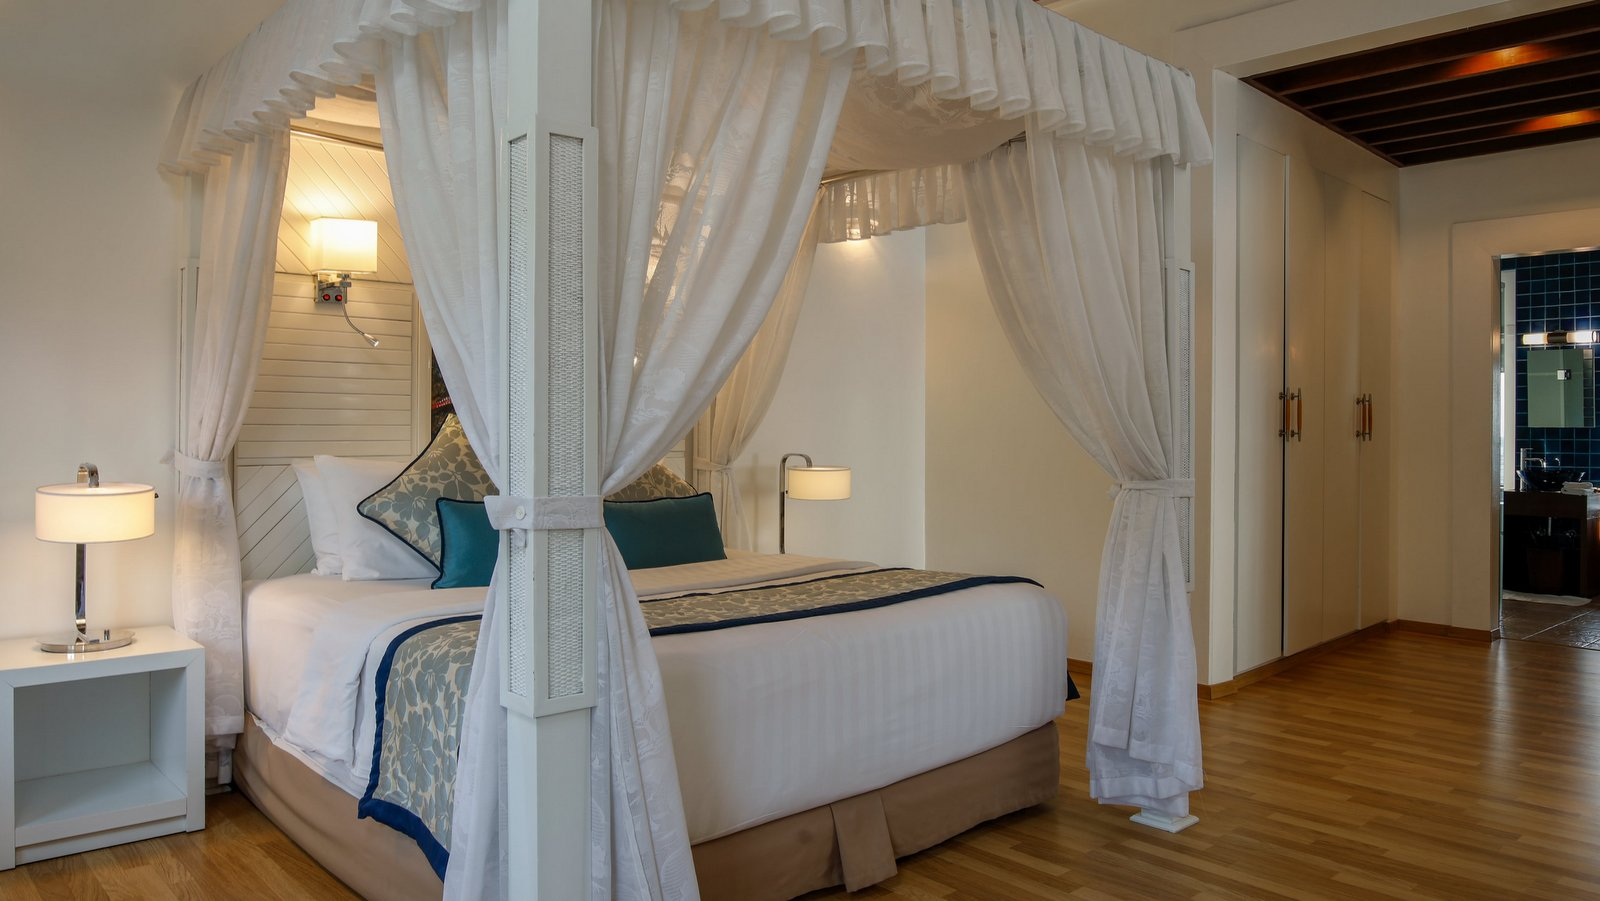 Мальдивы, отель Bandos Maldives, номер Water Villa